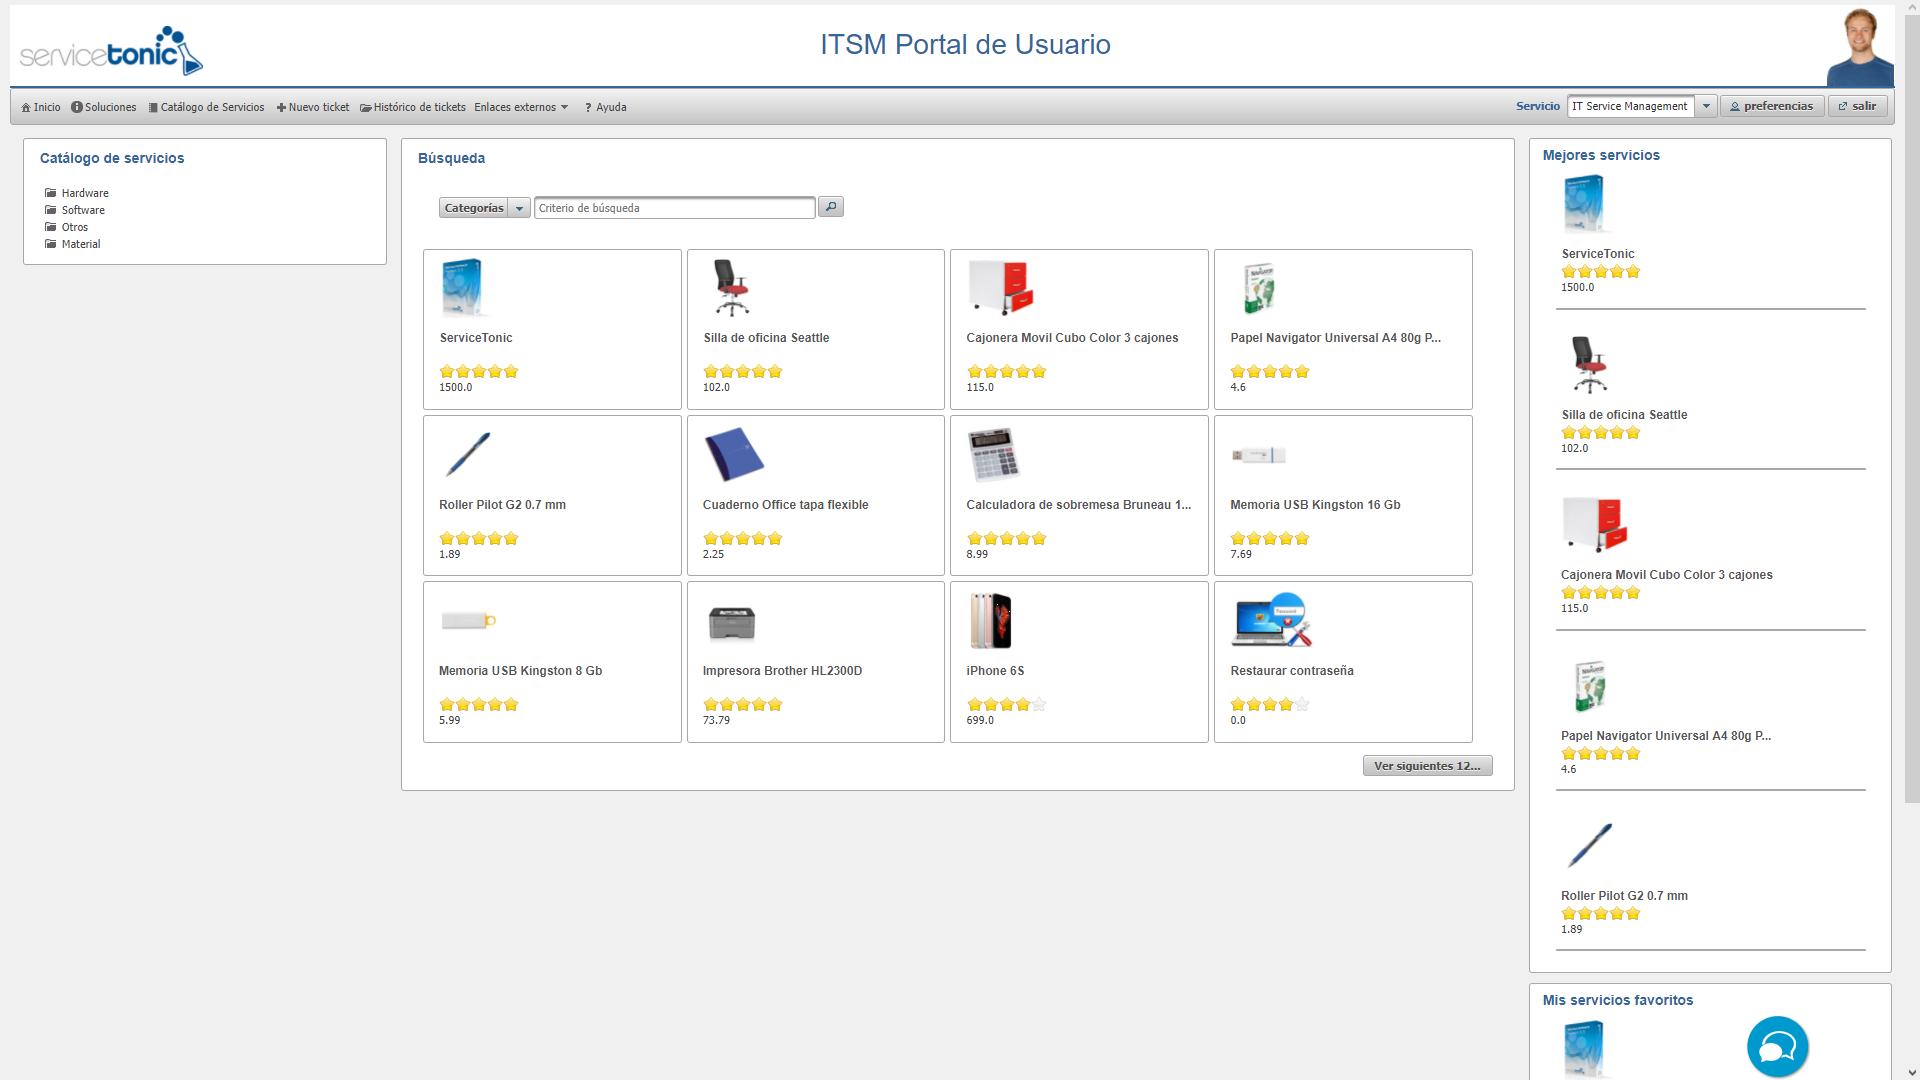 Catálogo de servicios en el Portal de Usuario